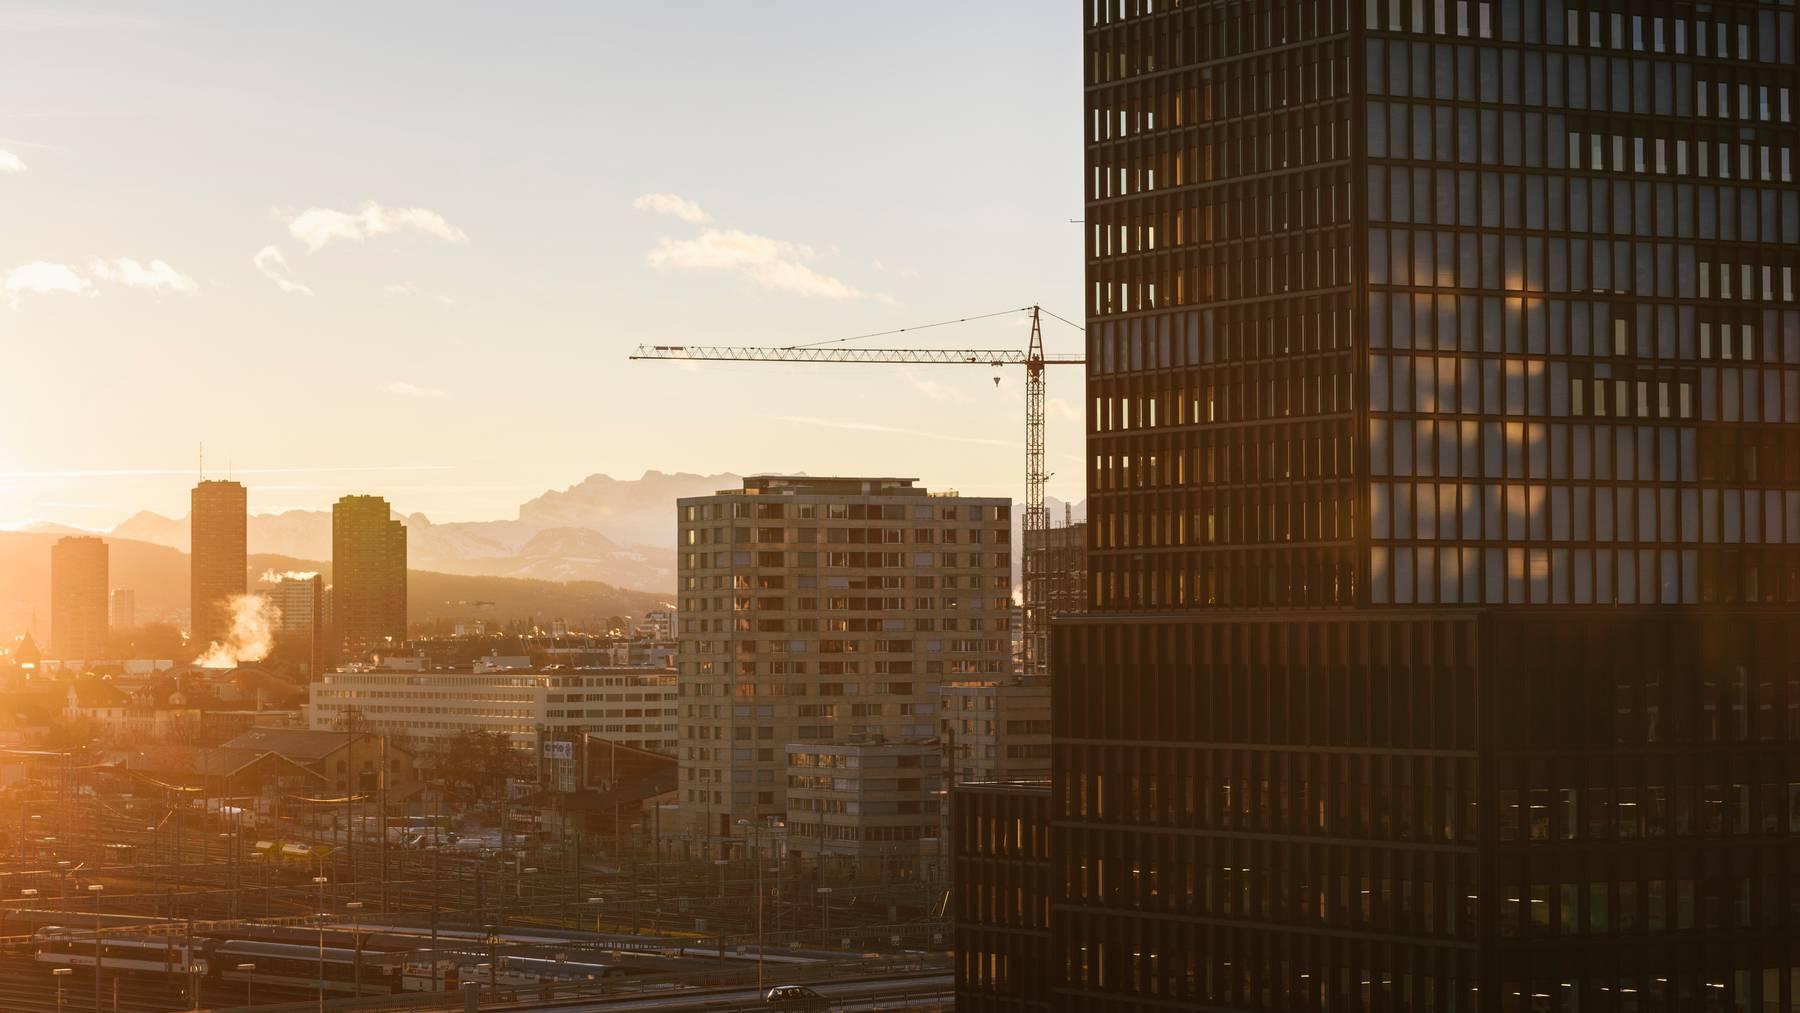 Vor allem rund um Zürich sind die Agglomerationen in den vergangenen Jahren stark gewachsen.